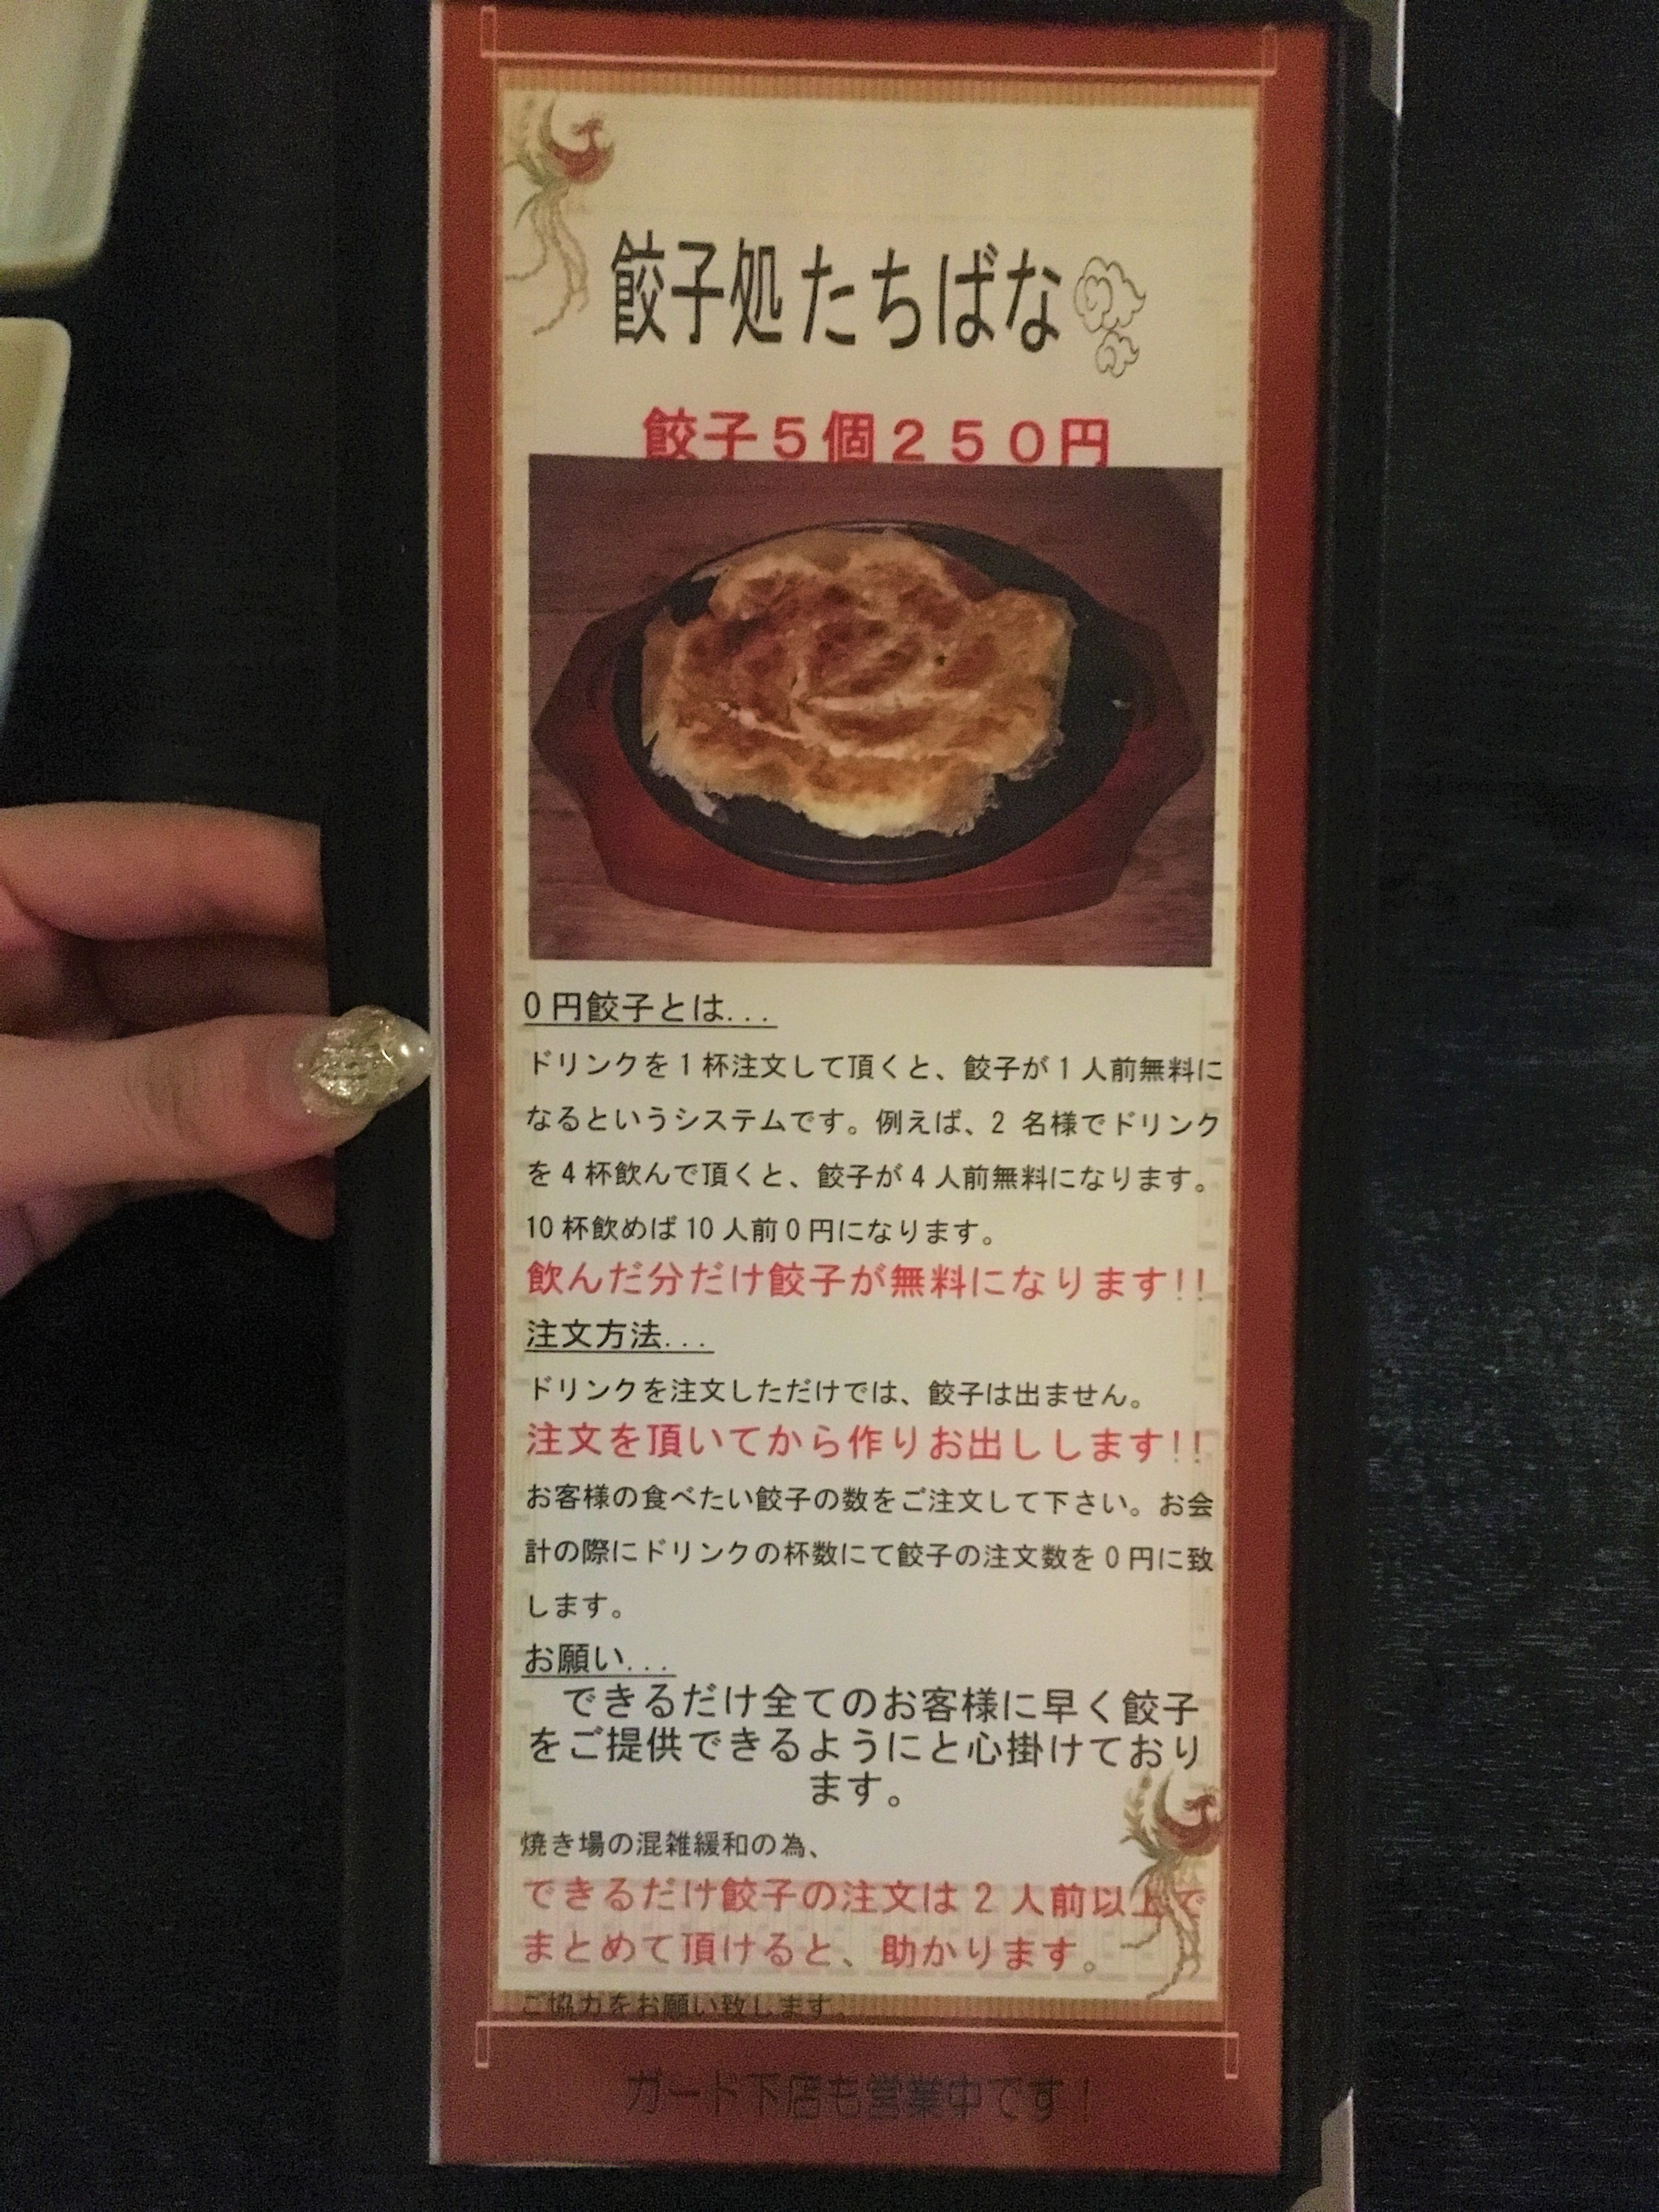 高円寺餃子処たちばなの0円餃子のメニューの画像